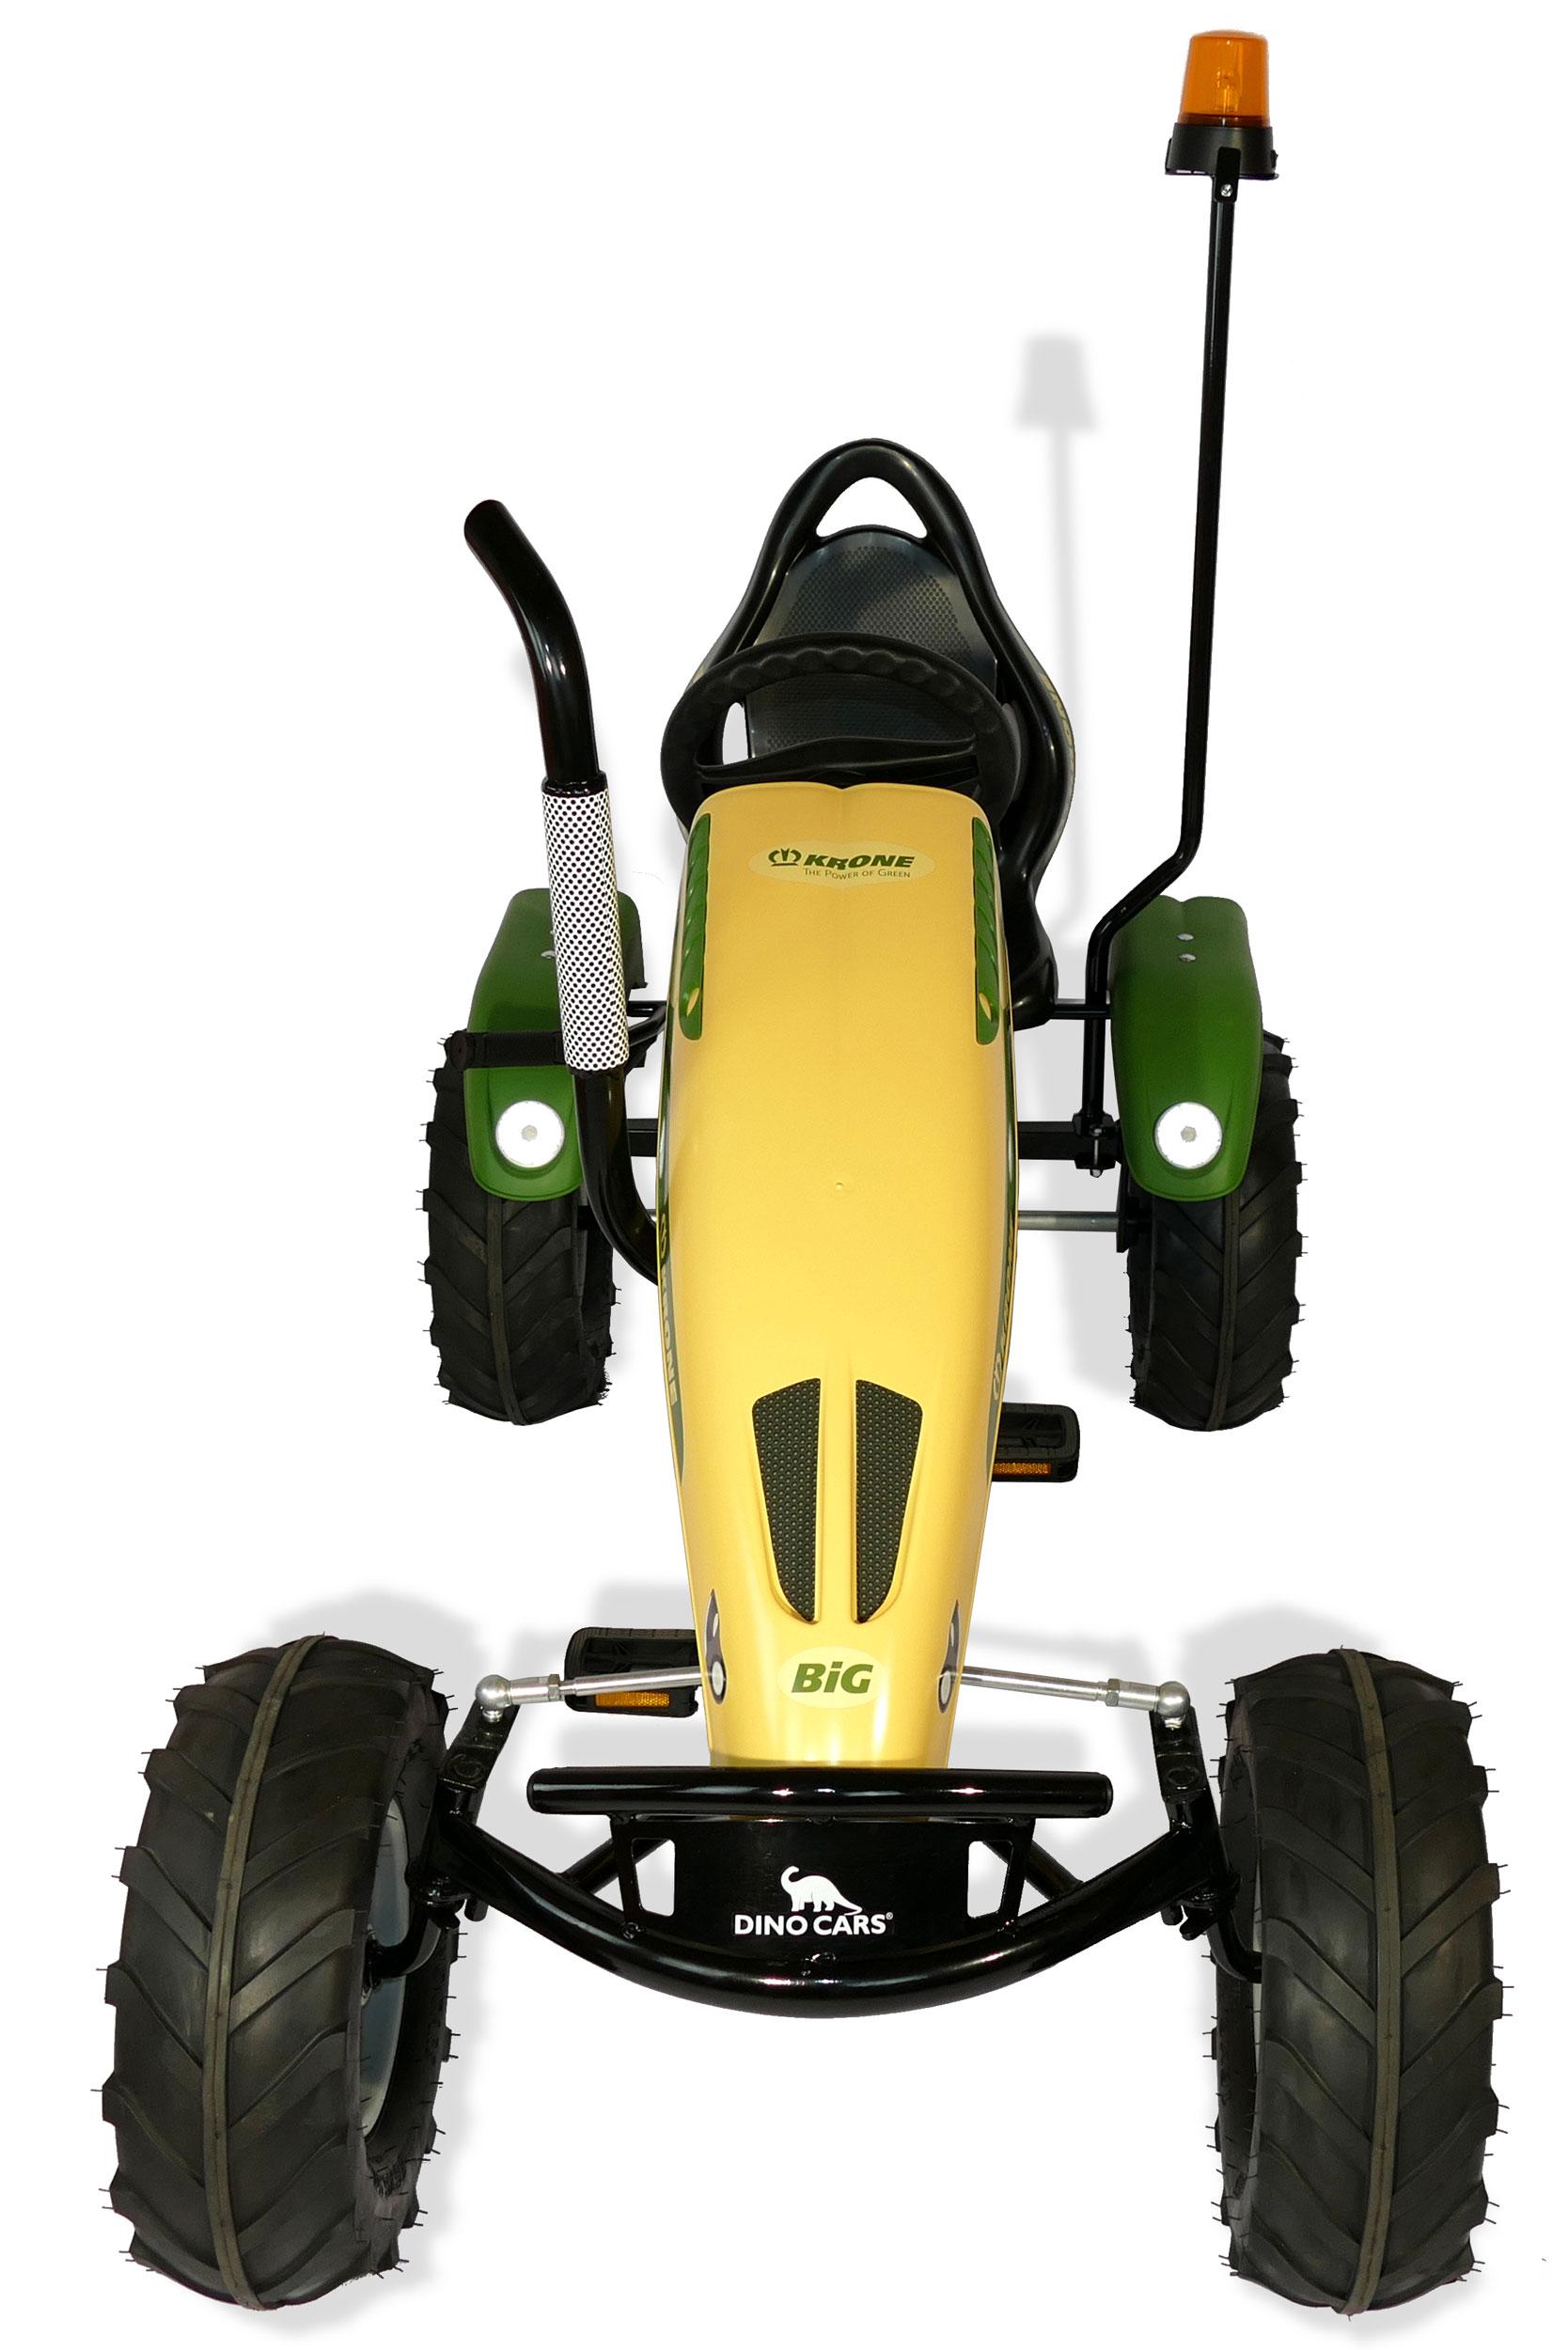 Gokart / Pedal-Gokart Track BF1 Krone BIG mit Rundumleuchte DINO CARS Bild 3